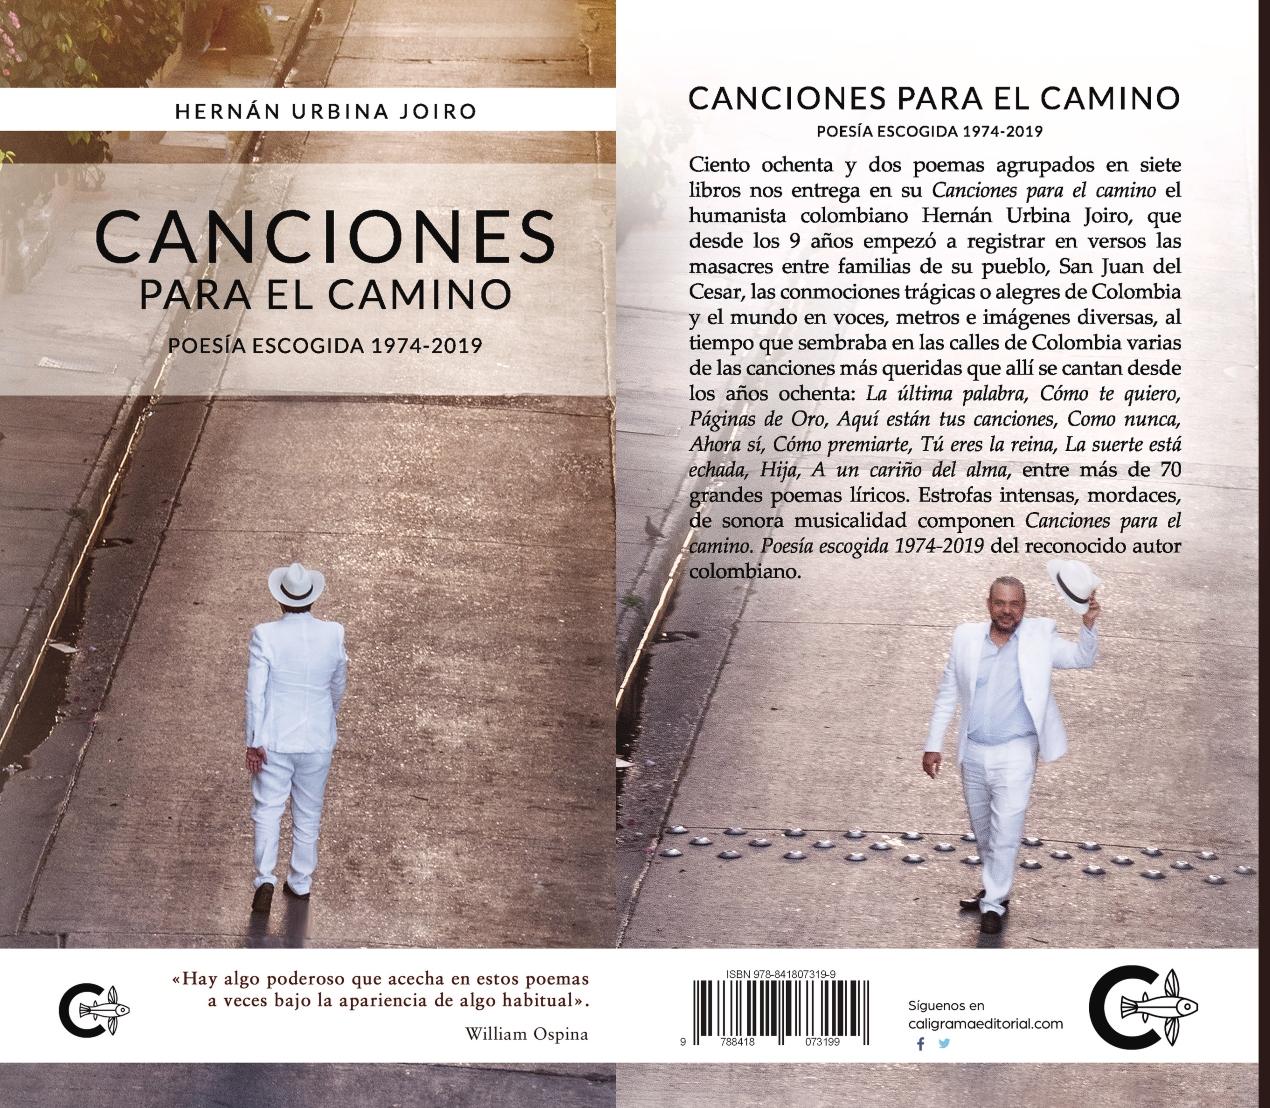 Canciones para el camino del poeta Hernán Urbina Joiro